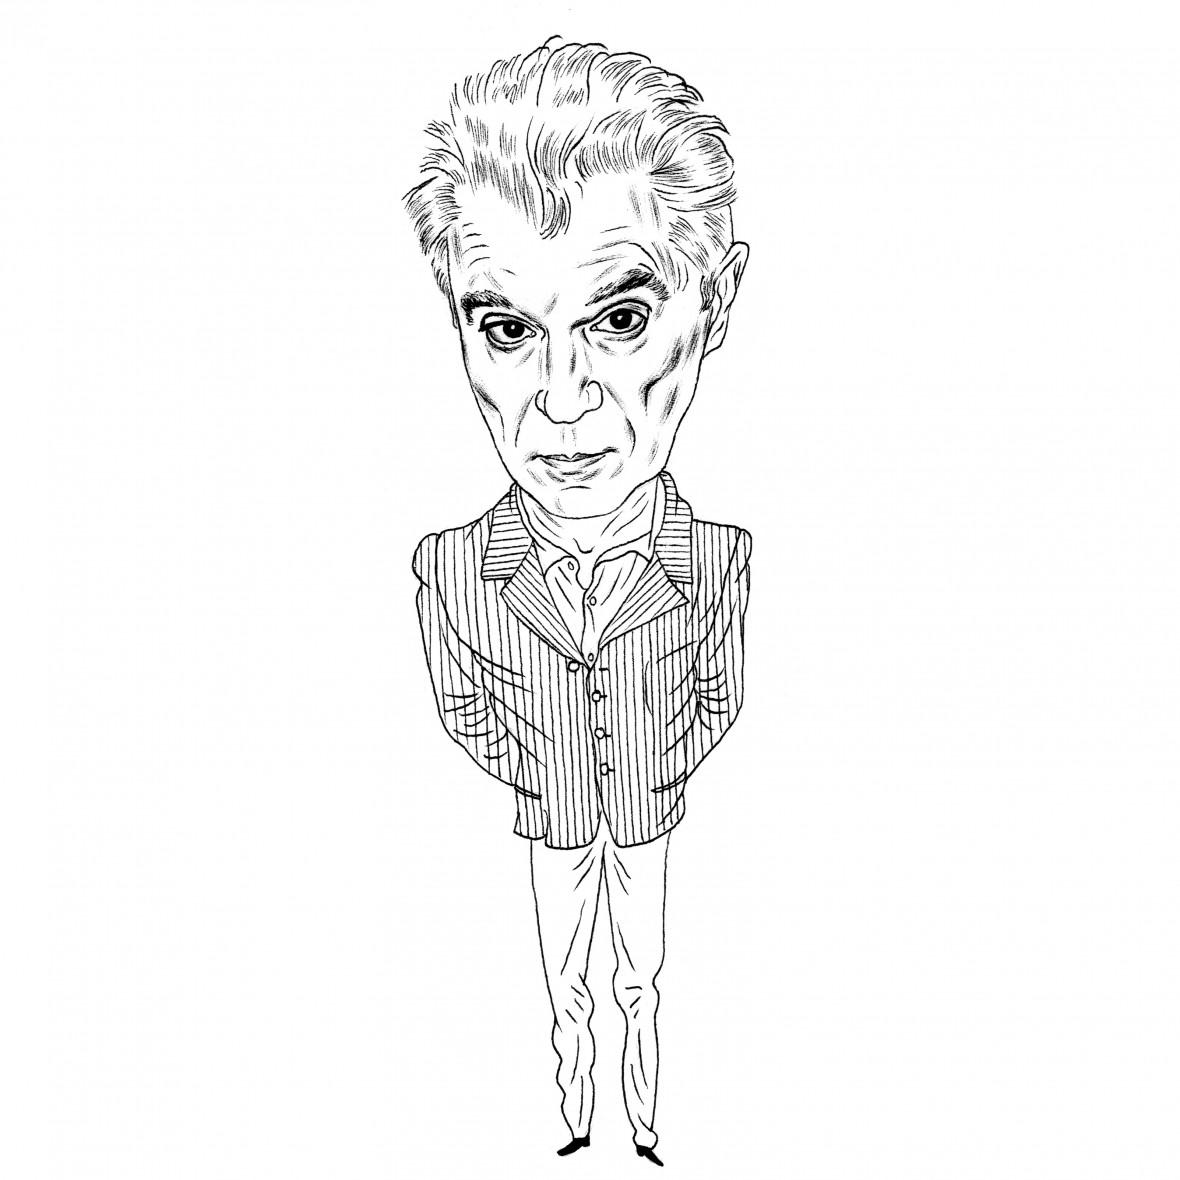 L'élimination de l'Humain par Tom Byrne des Talking Heads